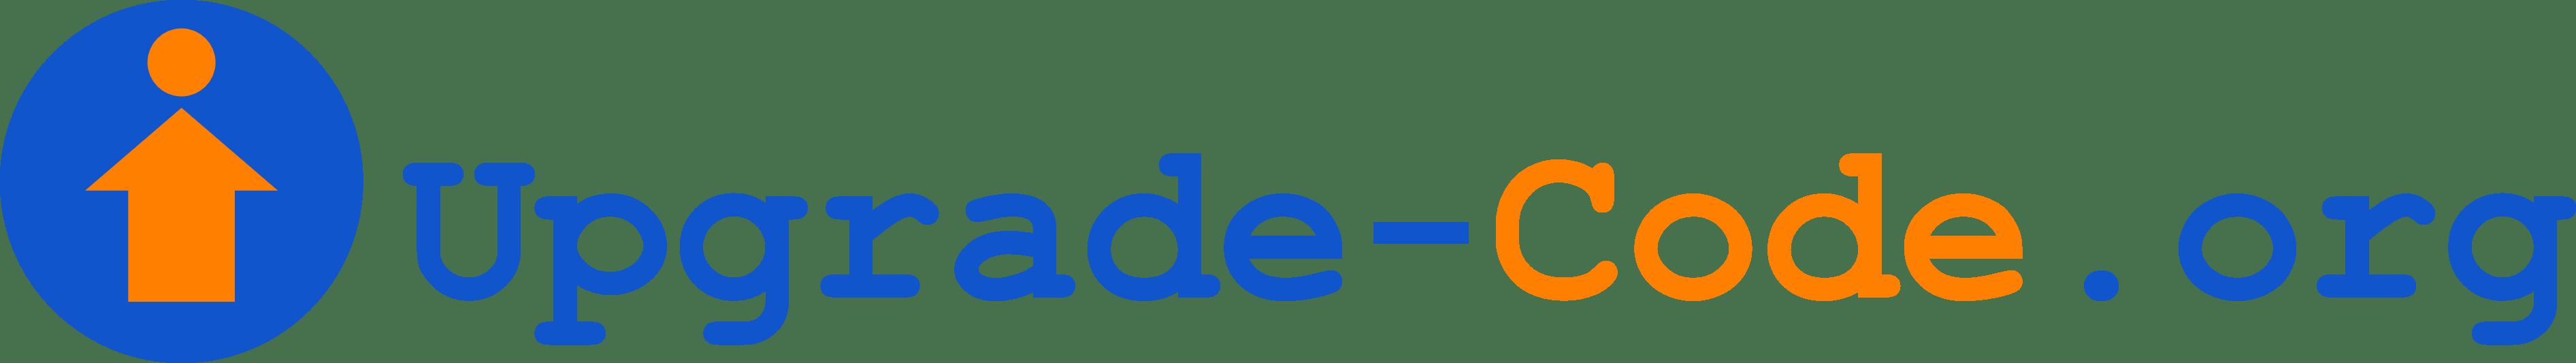 logo_full_150dpi